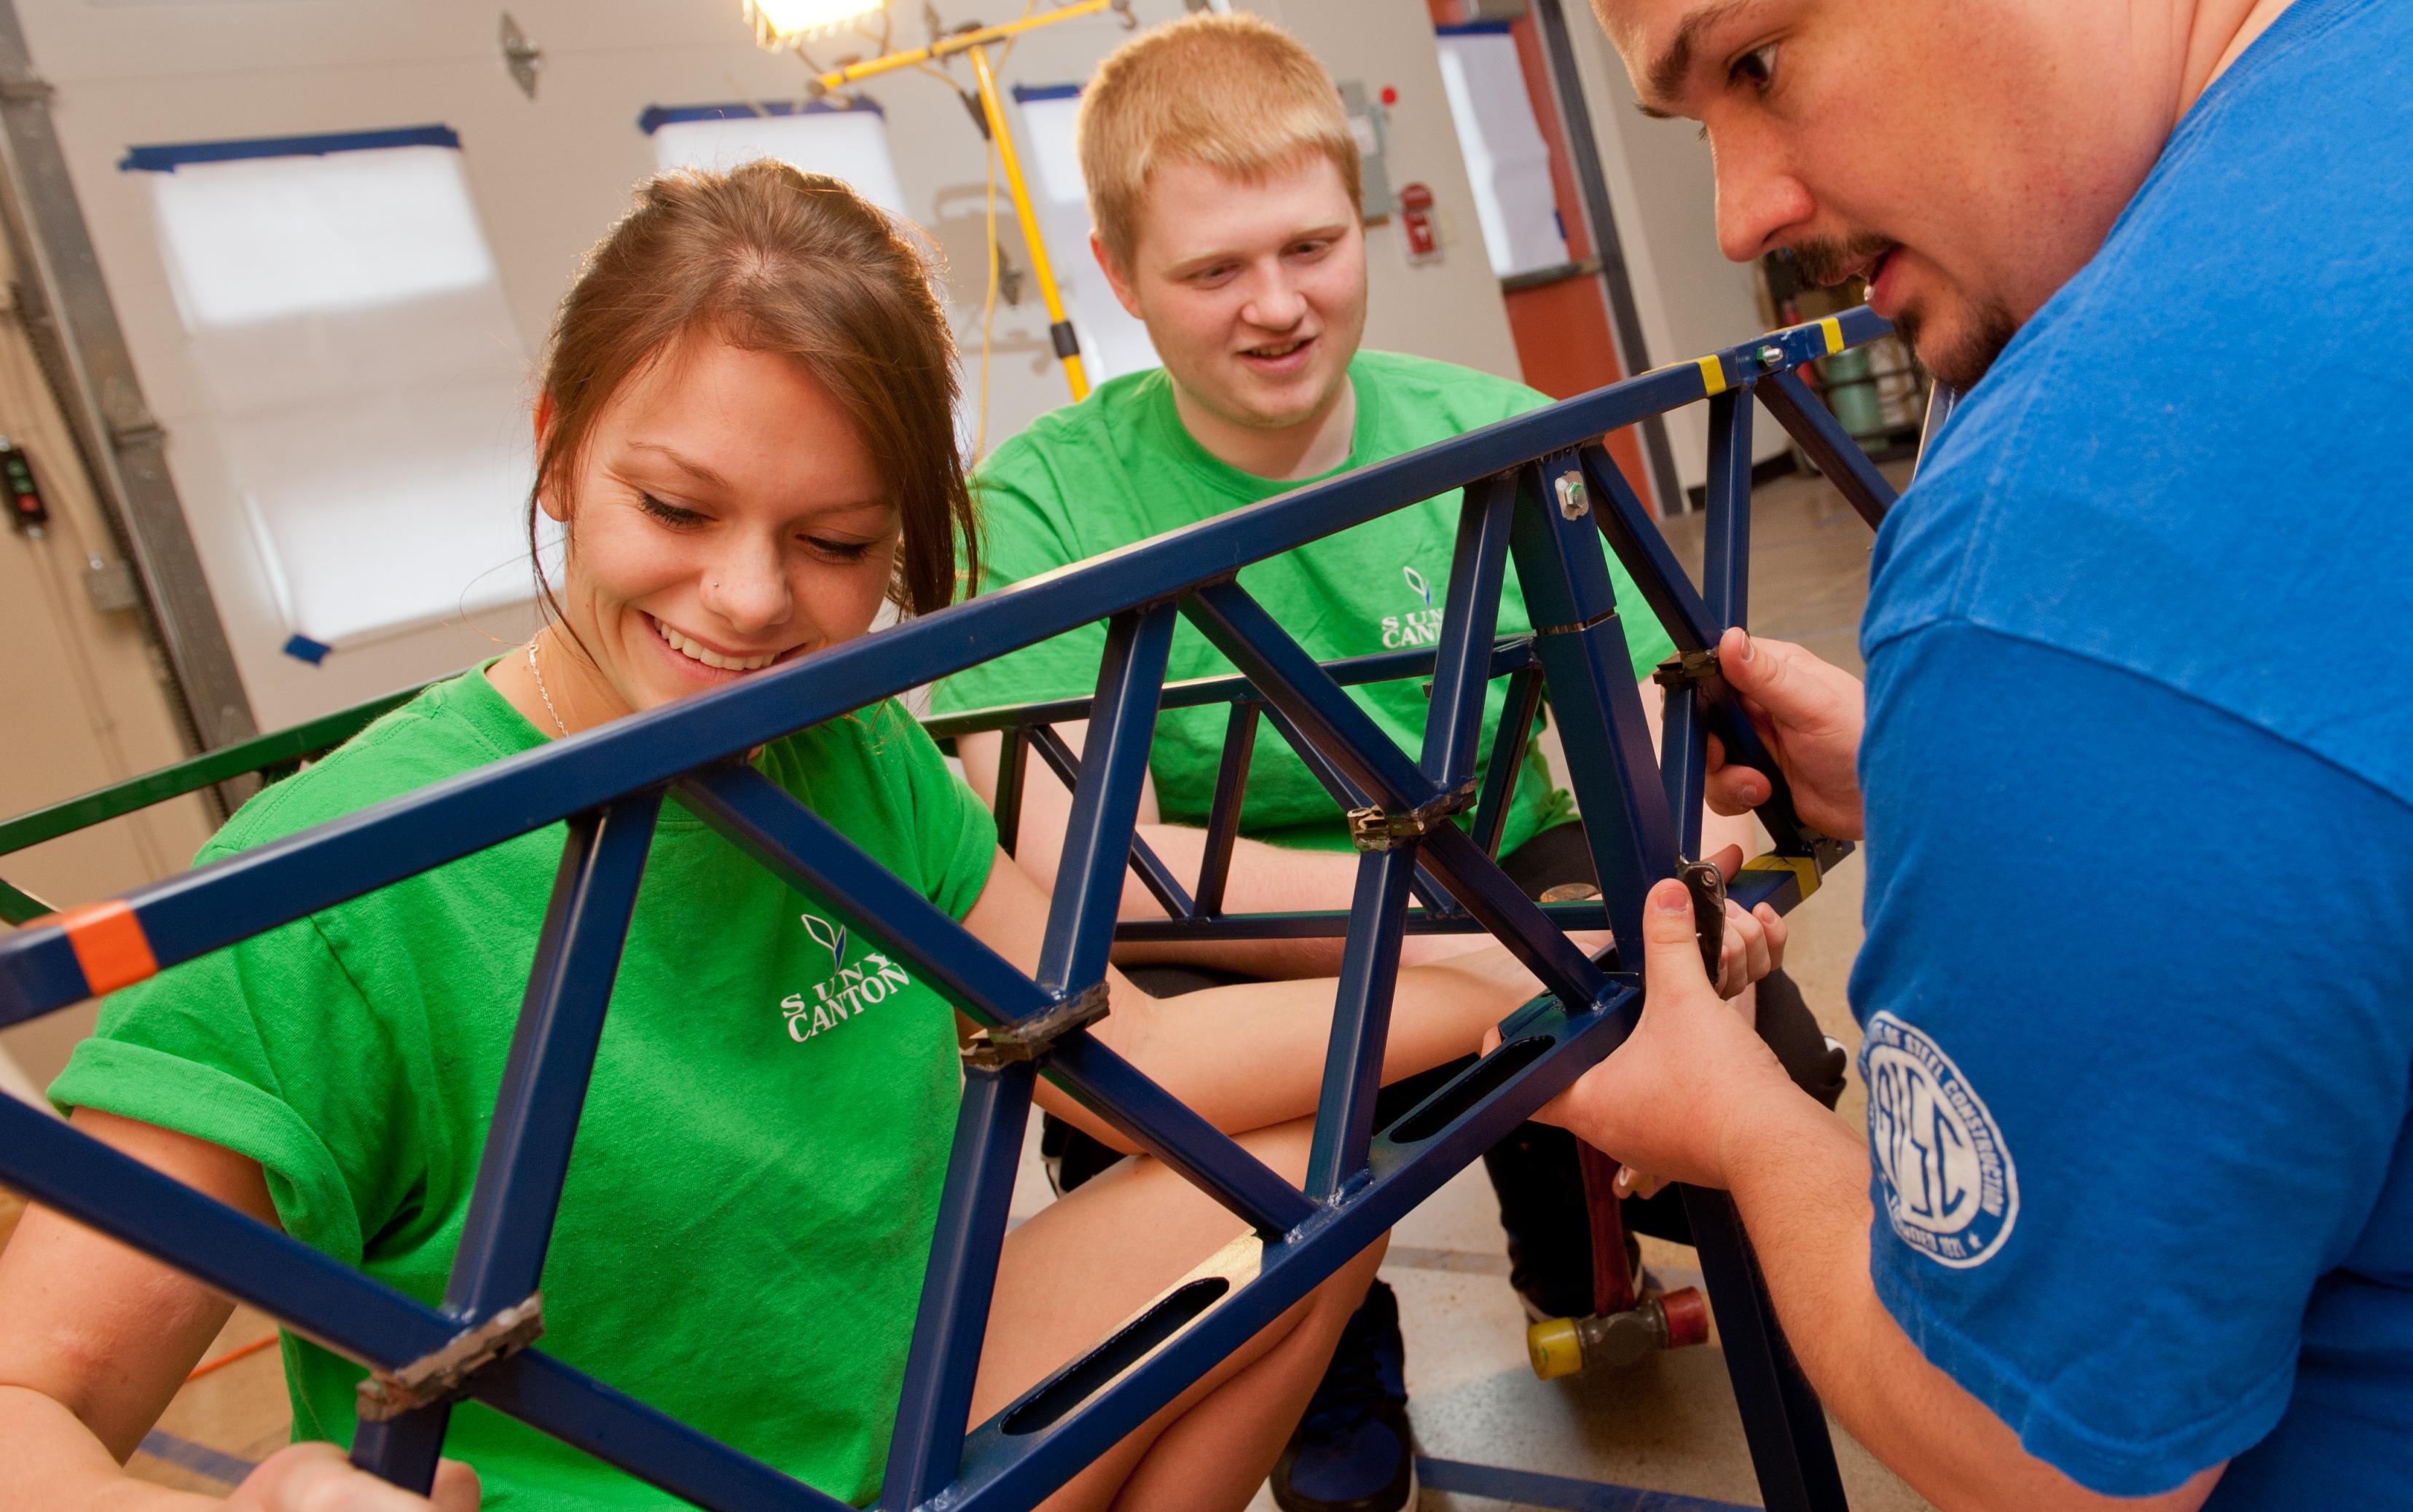 Bridge team 2012 april 10 2012